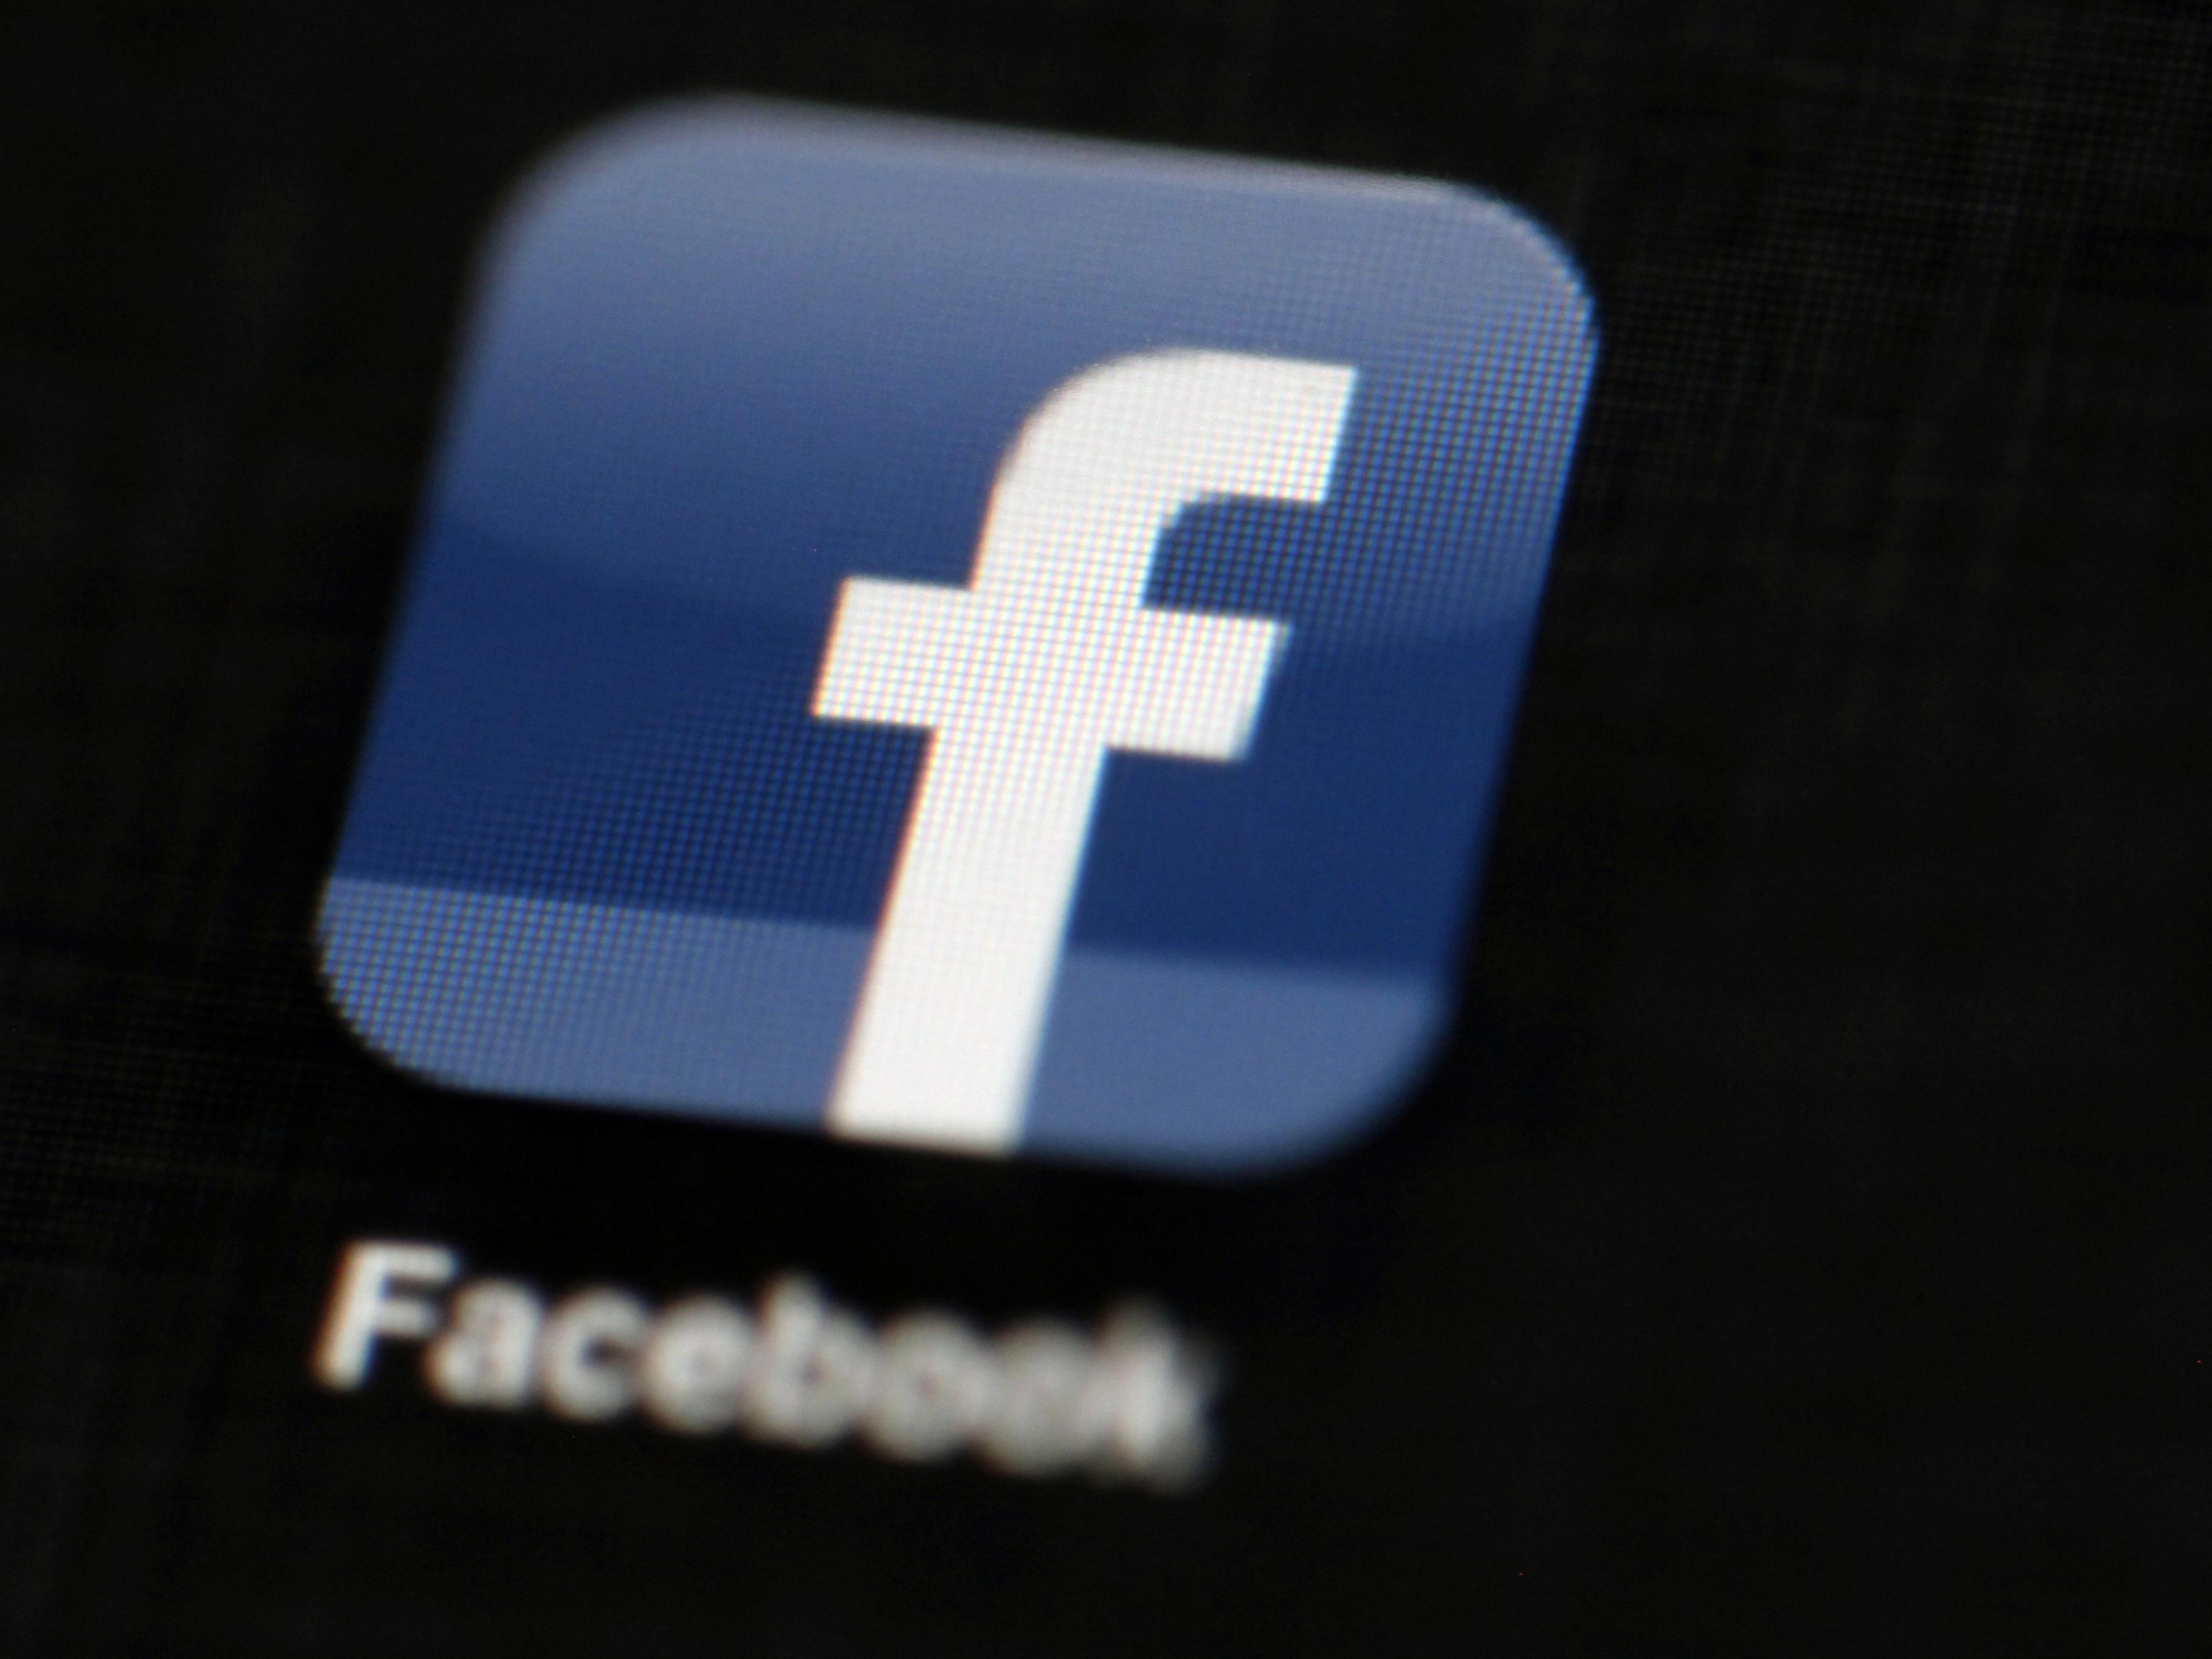 Den Facebook-Richtlinien per Statusmeldung zu widersprechen, ist für das Netzwerk unerheblich. Allein die Nutzung gilt als Zustimmung.